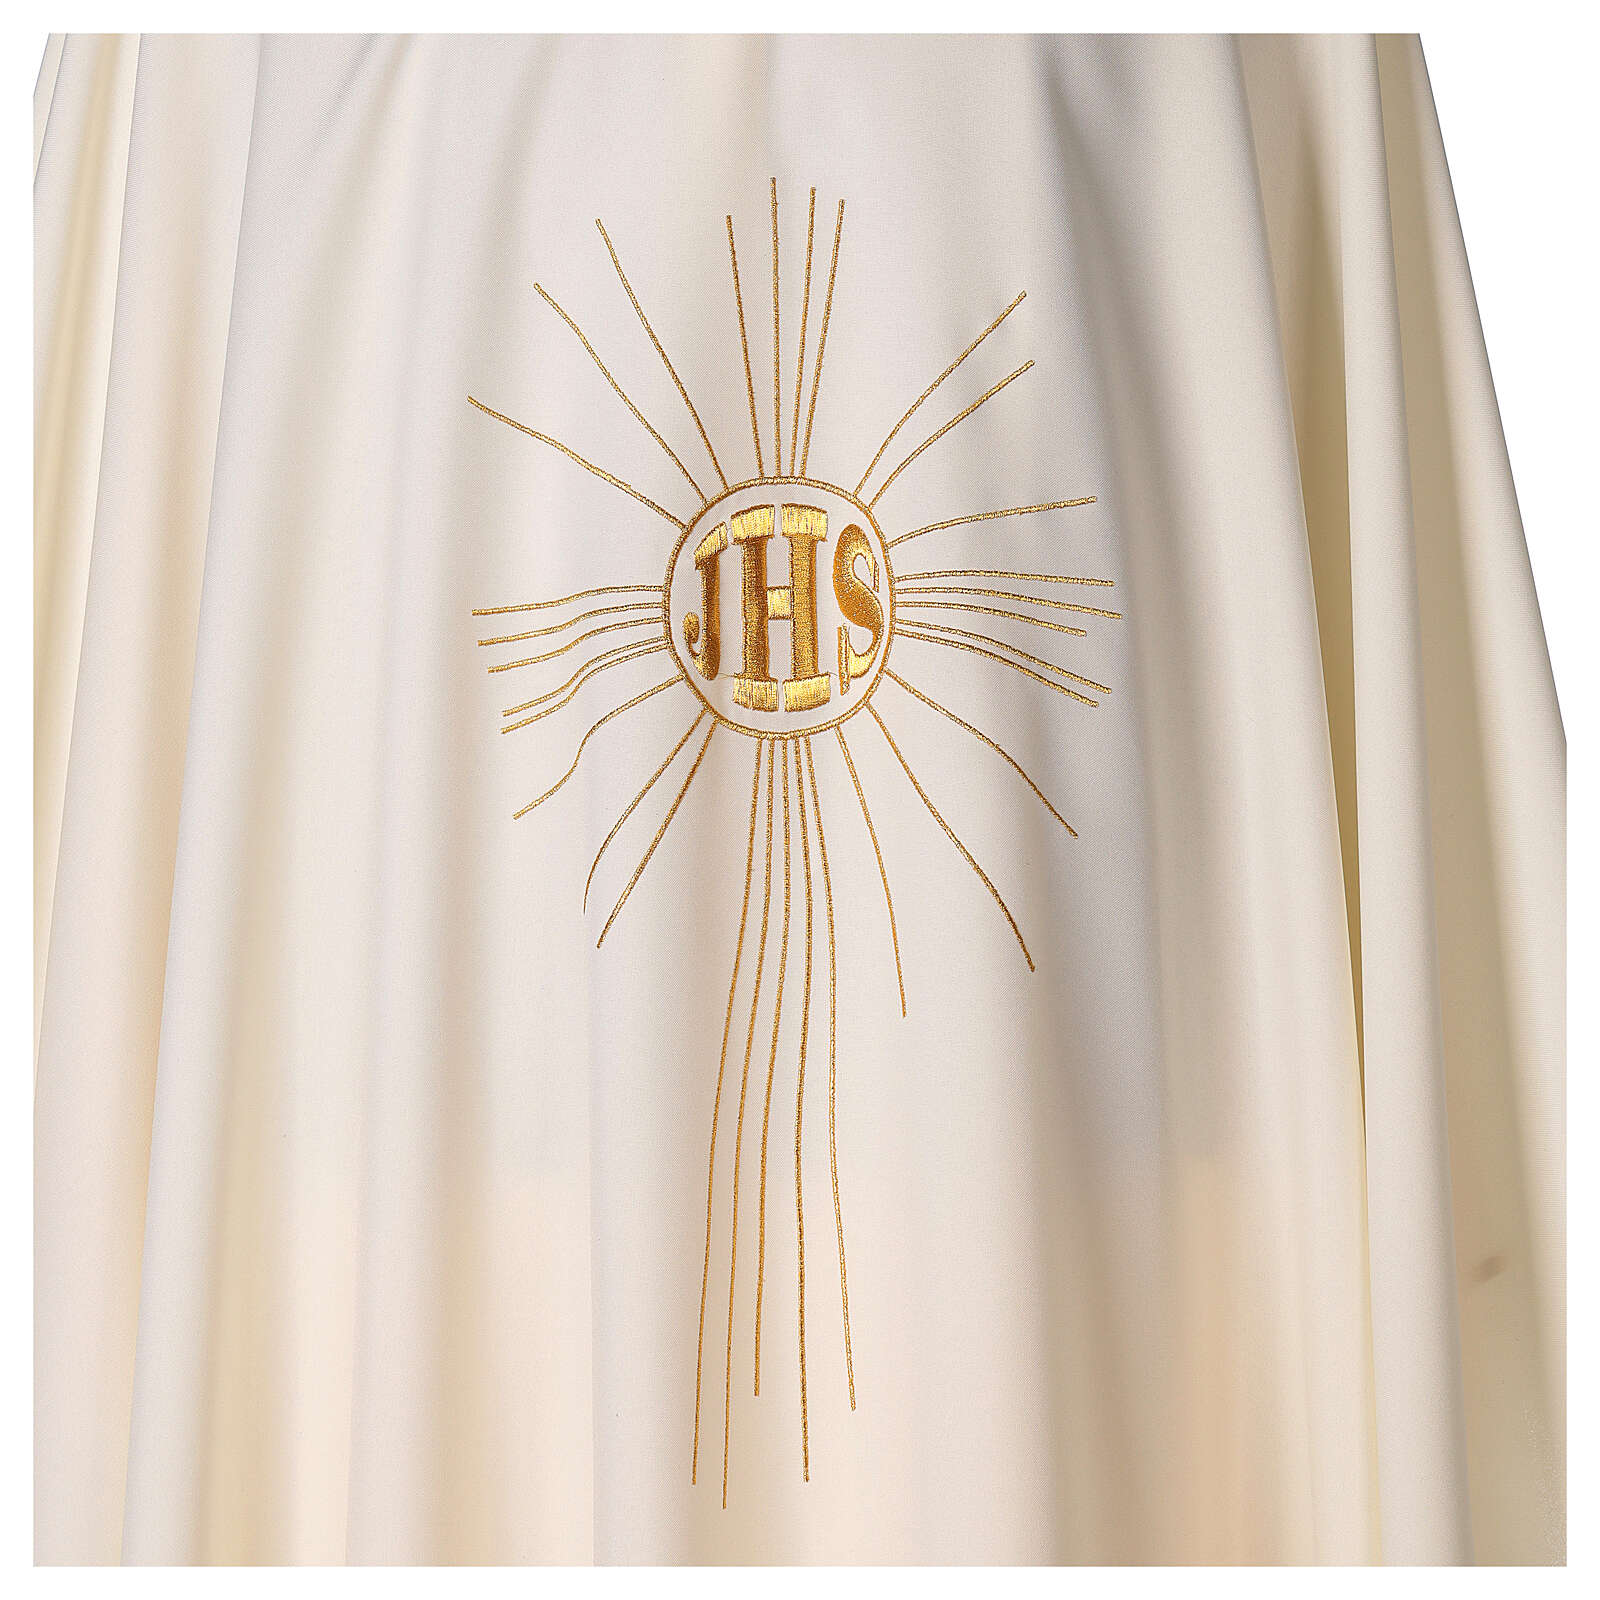 Kasel aus Krepp Polyesetr mit Strahlen und IHS Symbol 4